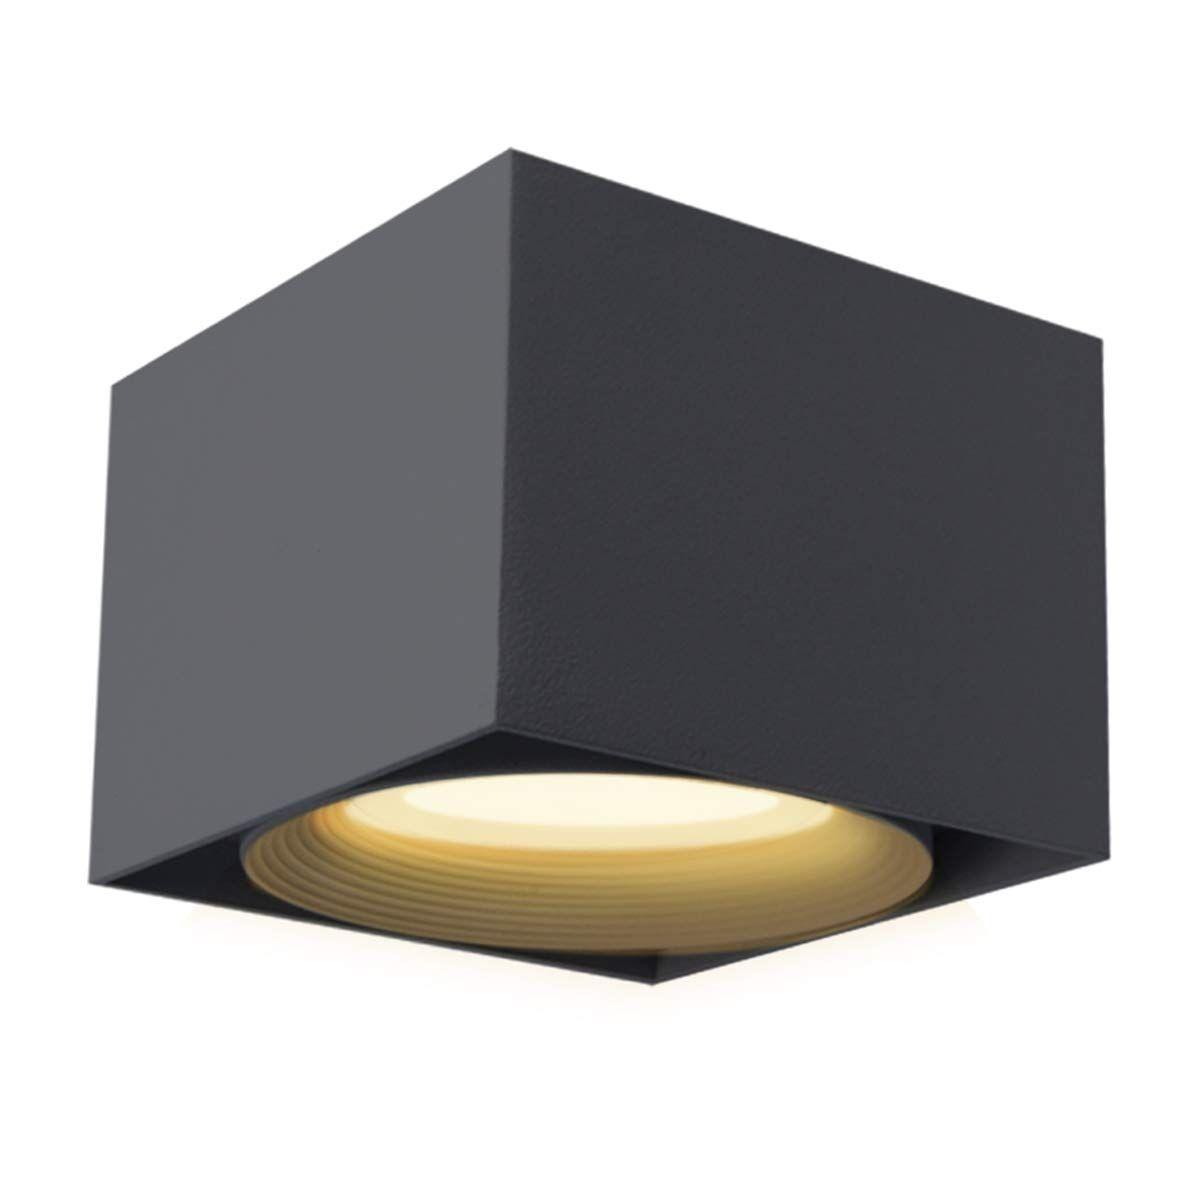 Faretti E Spot Da Soffitto lanbos 10w led faretti da soffitto,spot light, faretto